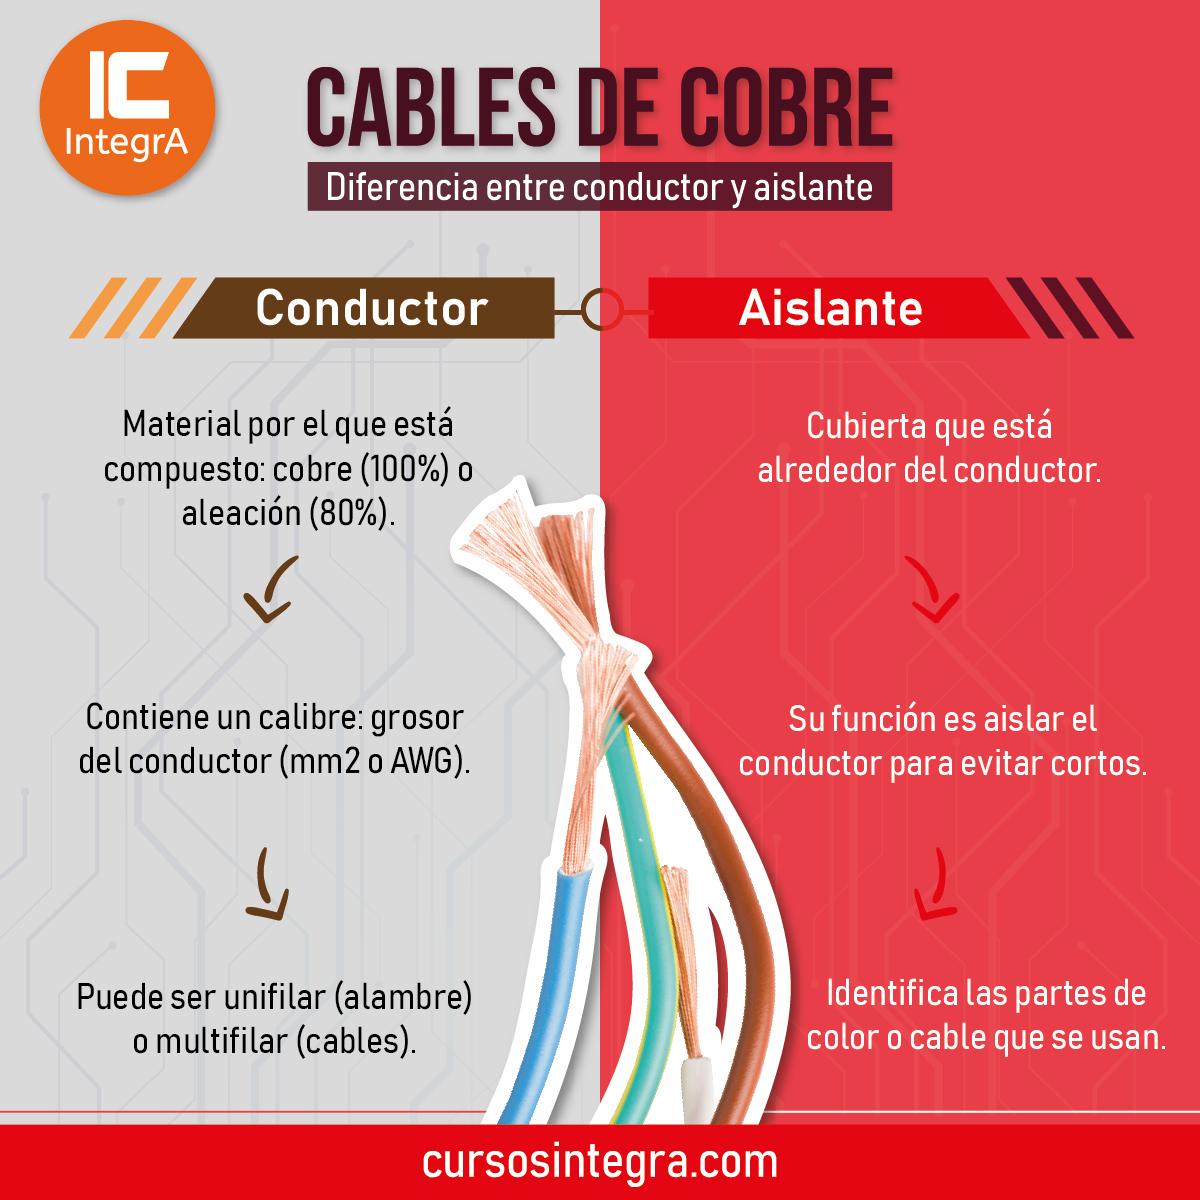 cables-de-corte-diferencia-entre-conductor-y-aislante